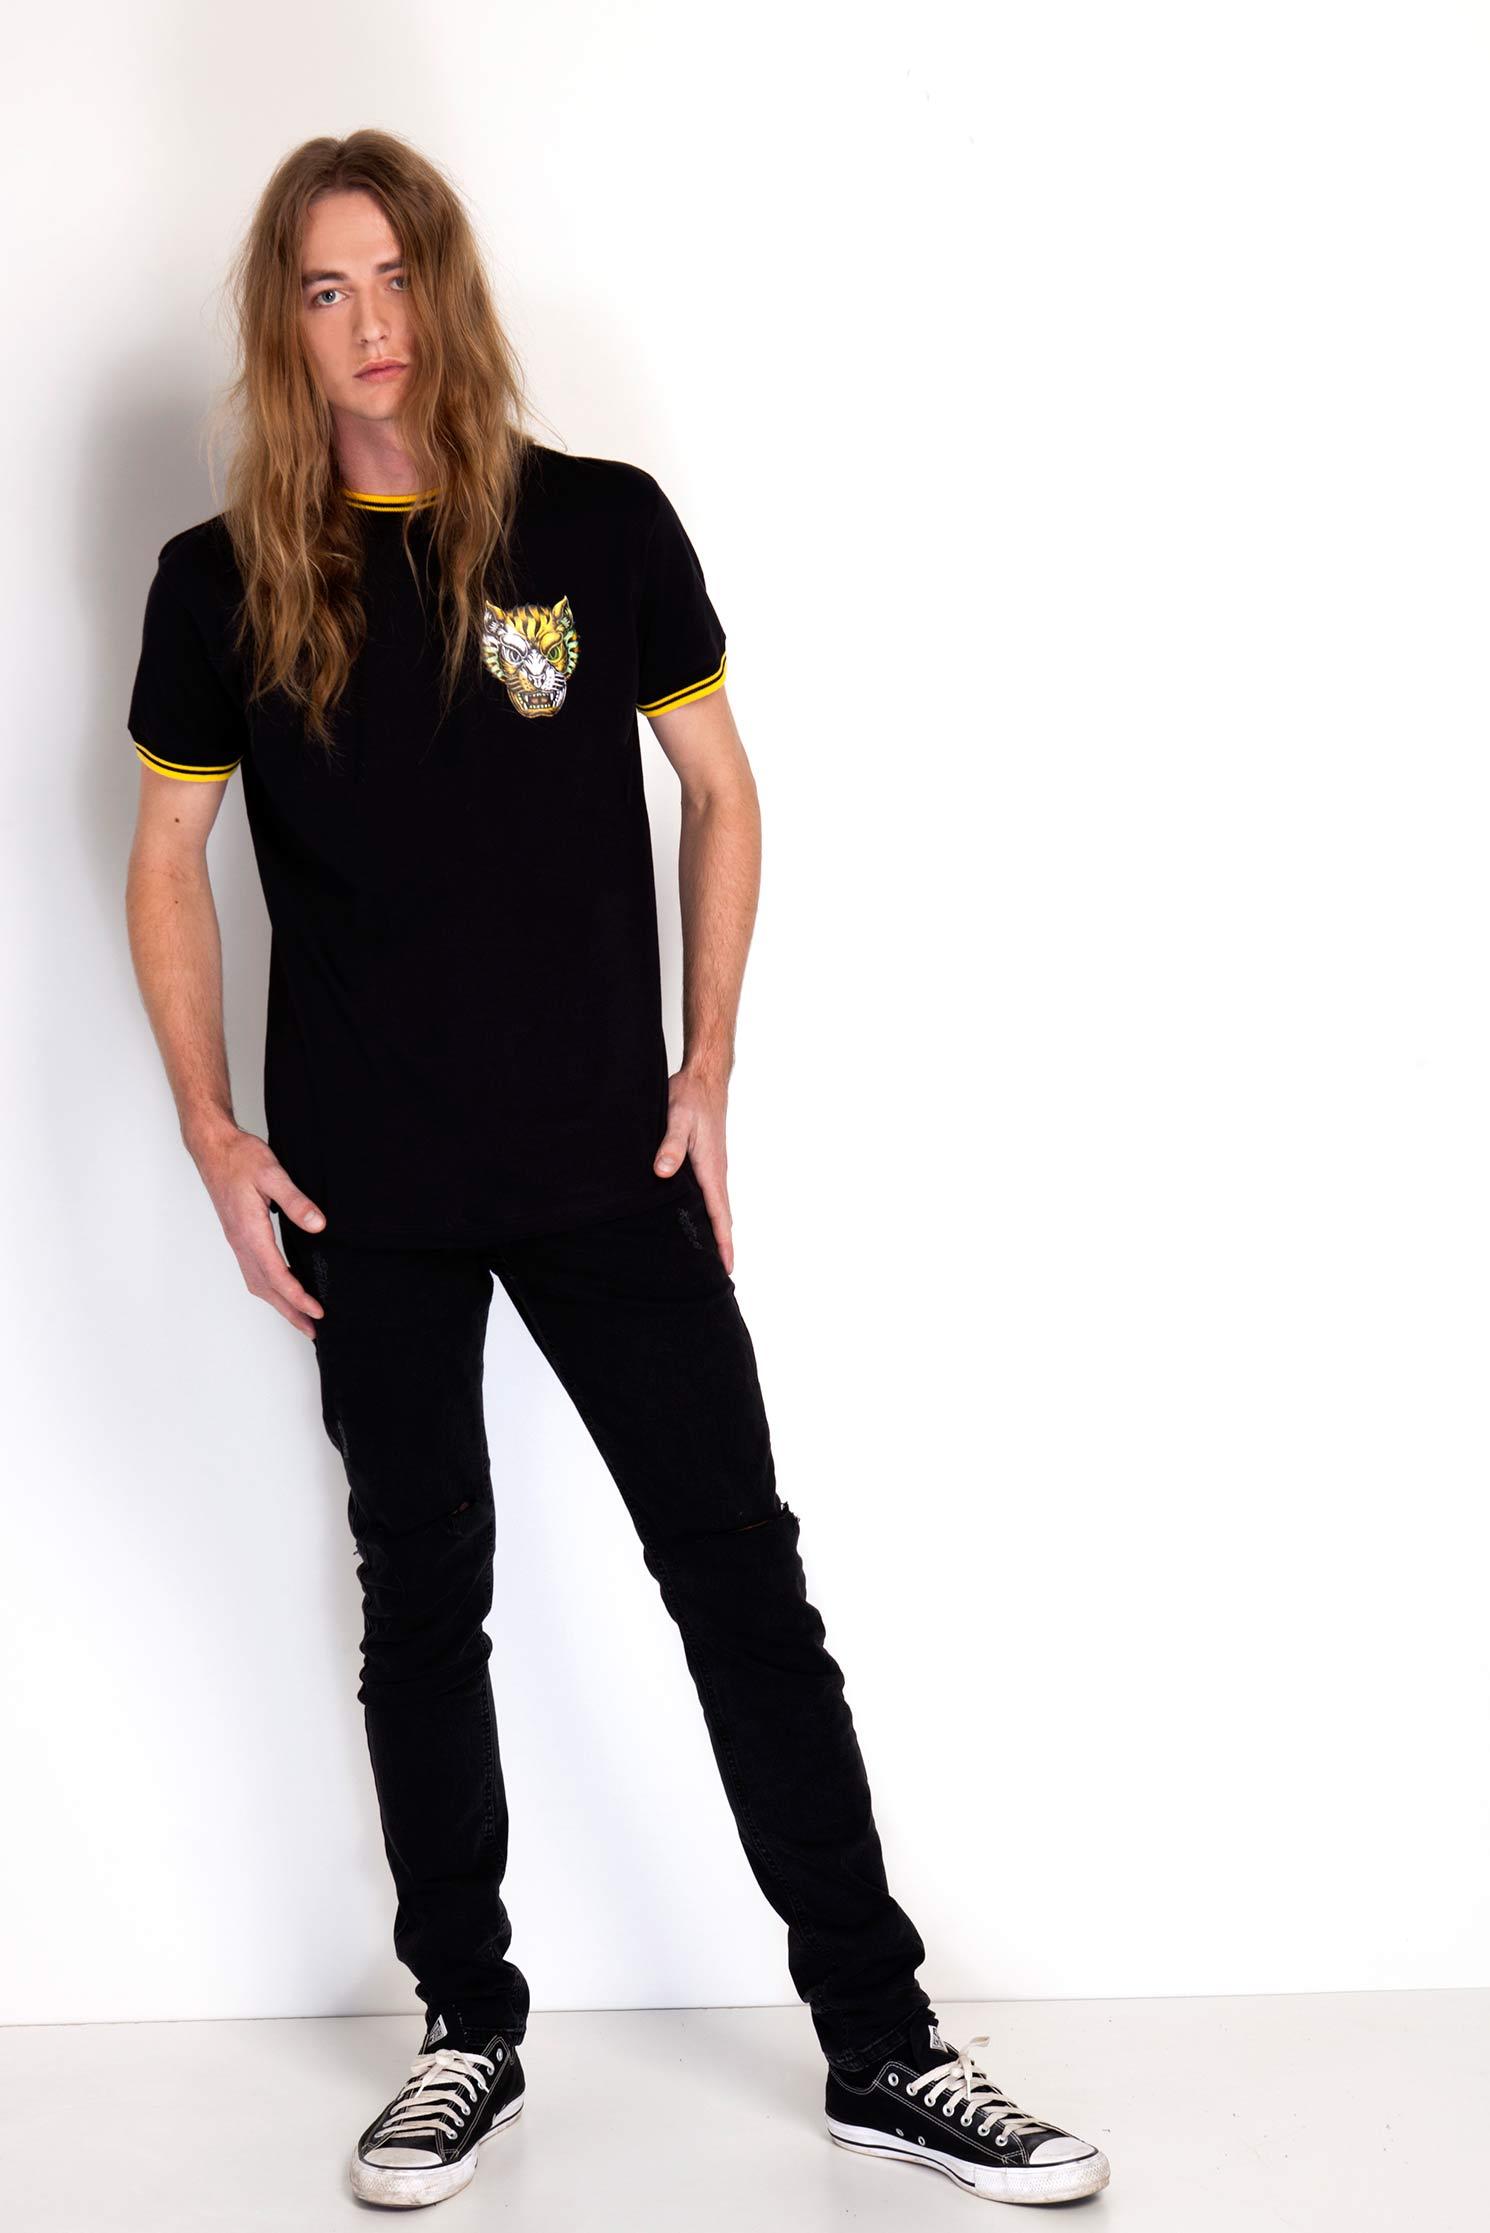 Camiseta College Tiger Black - bawclothing 81b20271b5acd